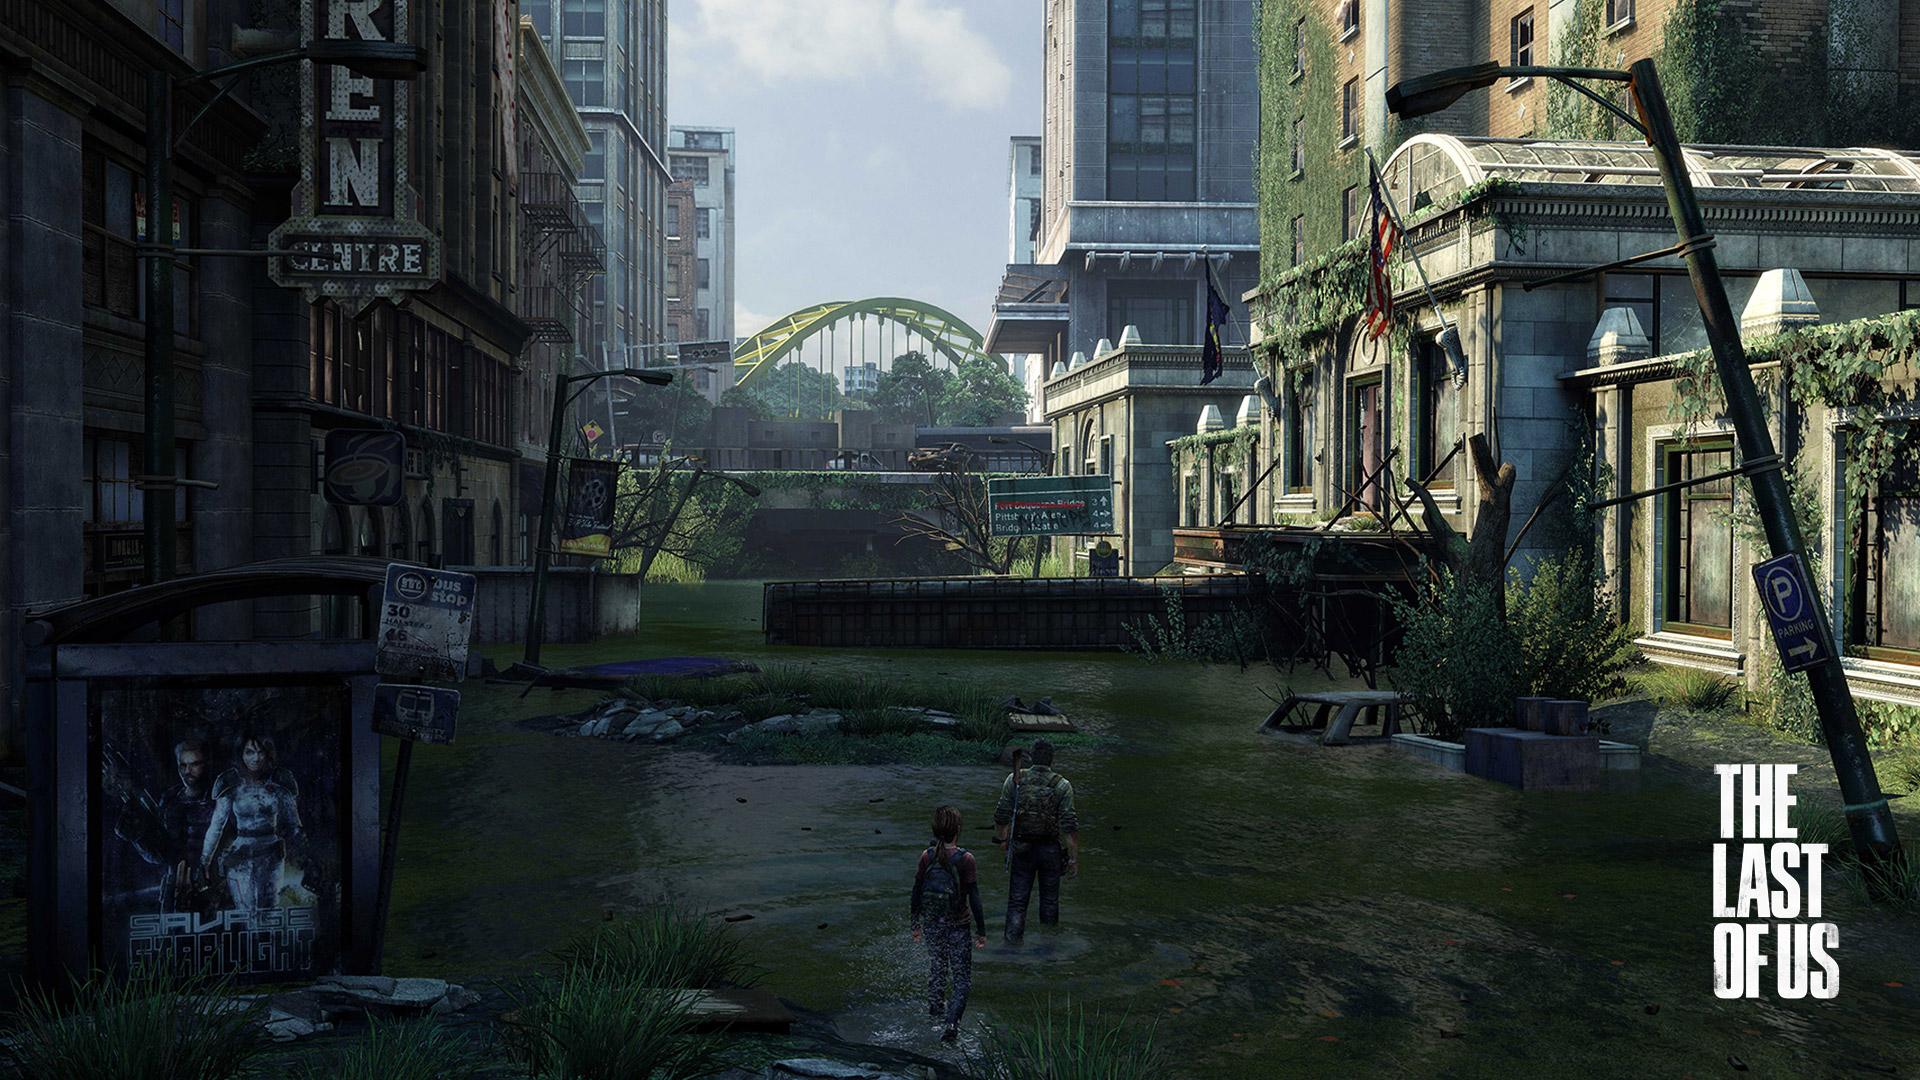 210 The Last Of Us Papéis De Parede Hd: The Last Of Us Remastered Papel De Parede HD